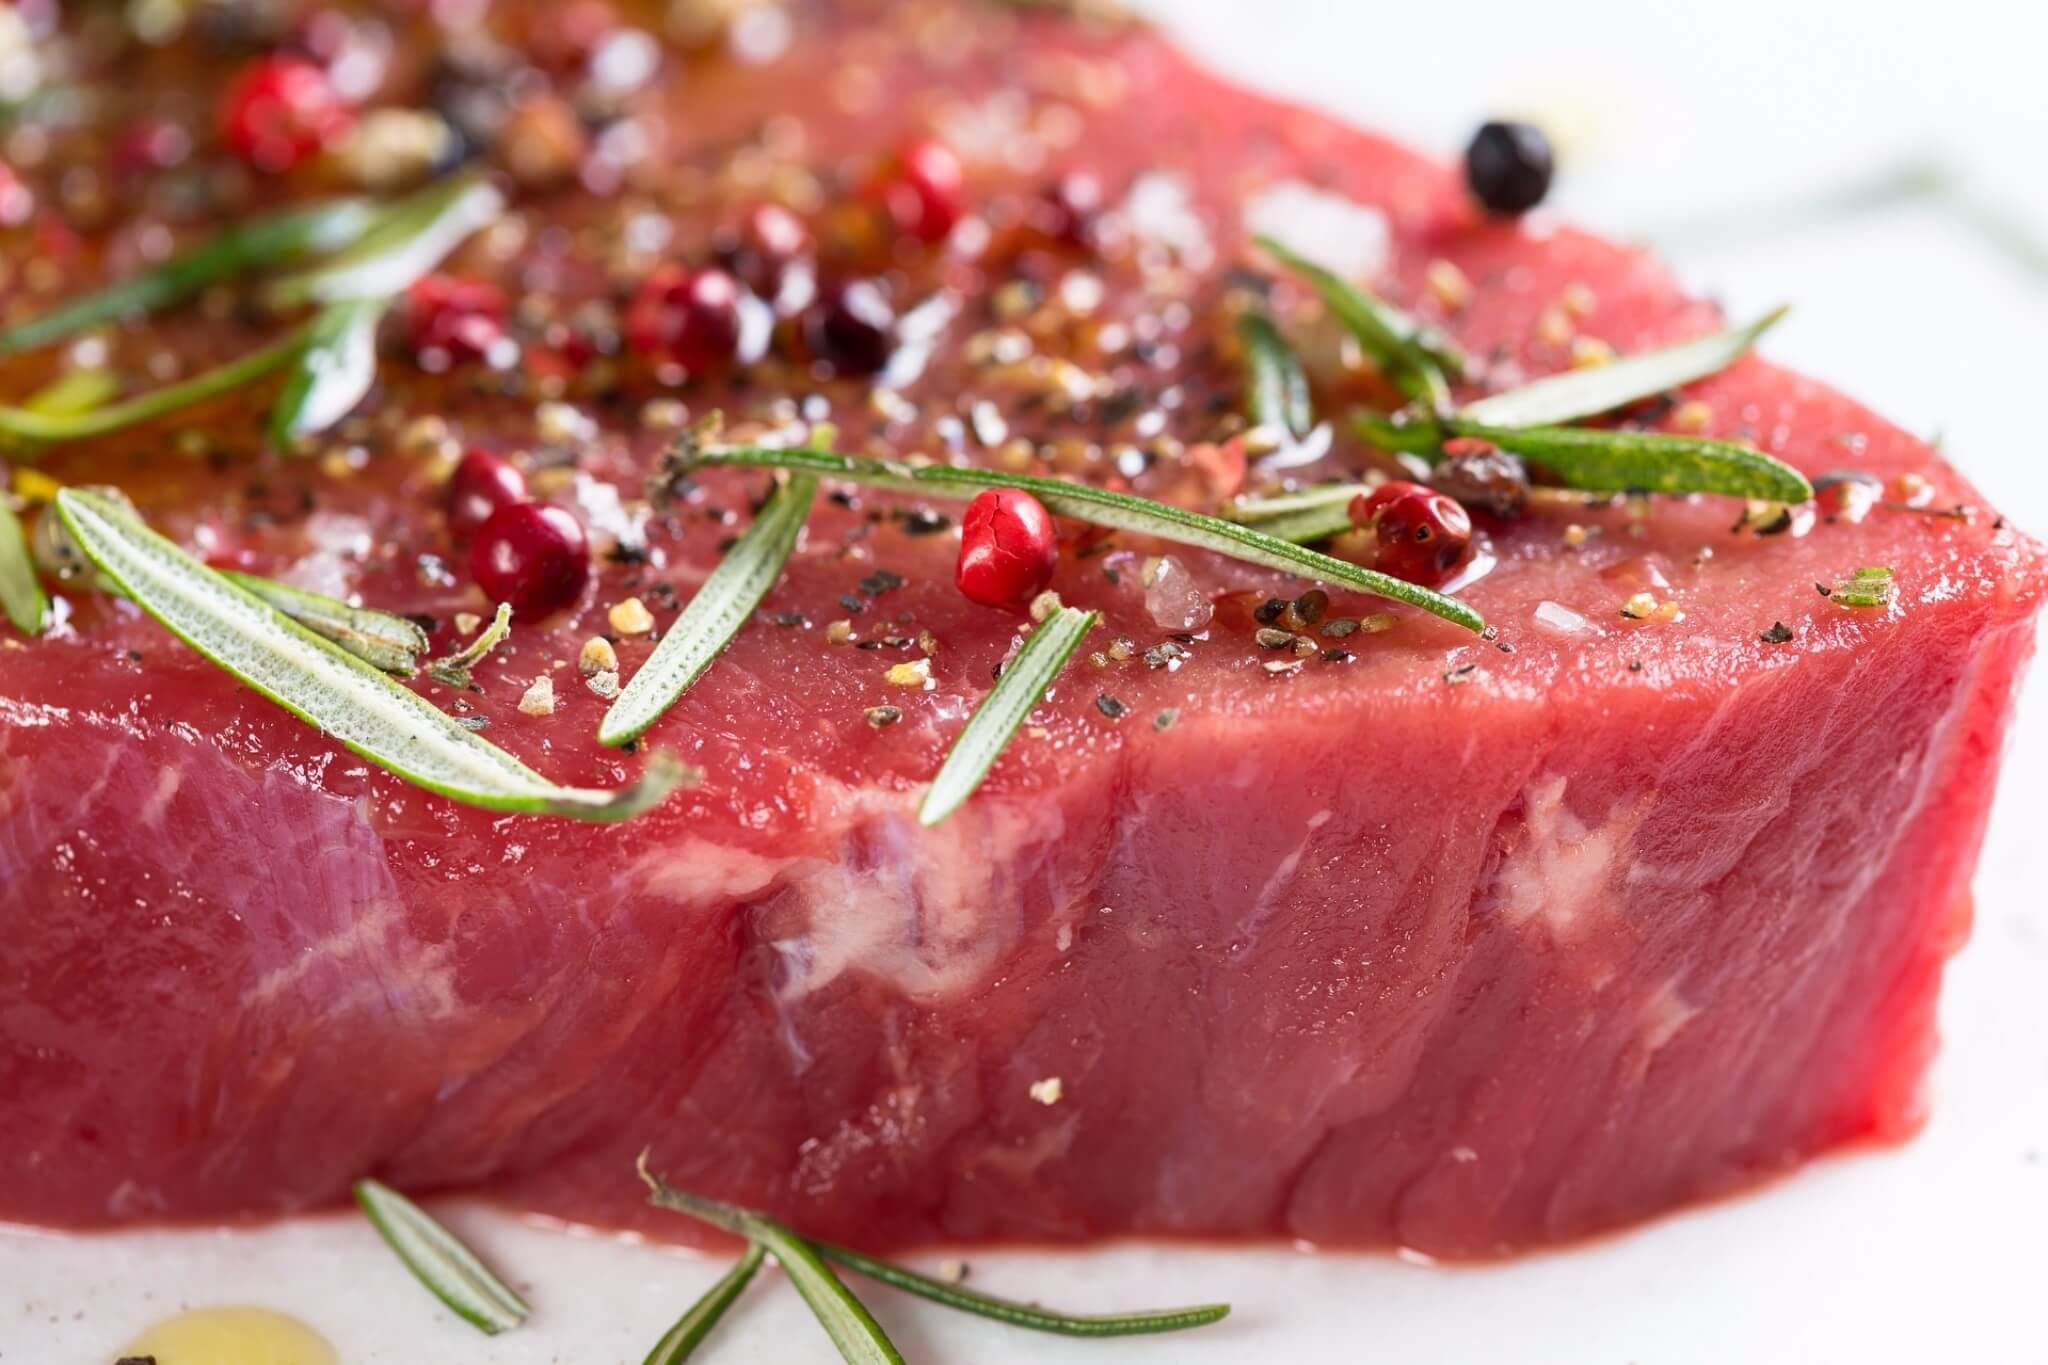 Proteine per pasto: esiste un limite di assunzione?